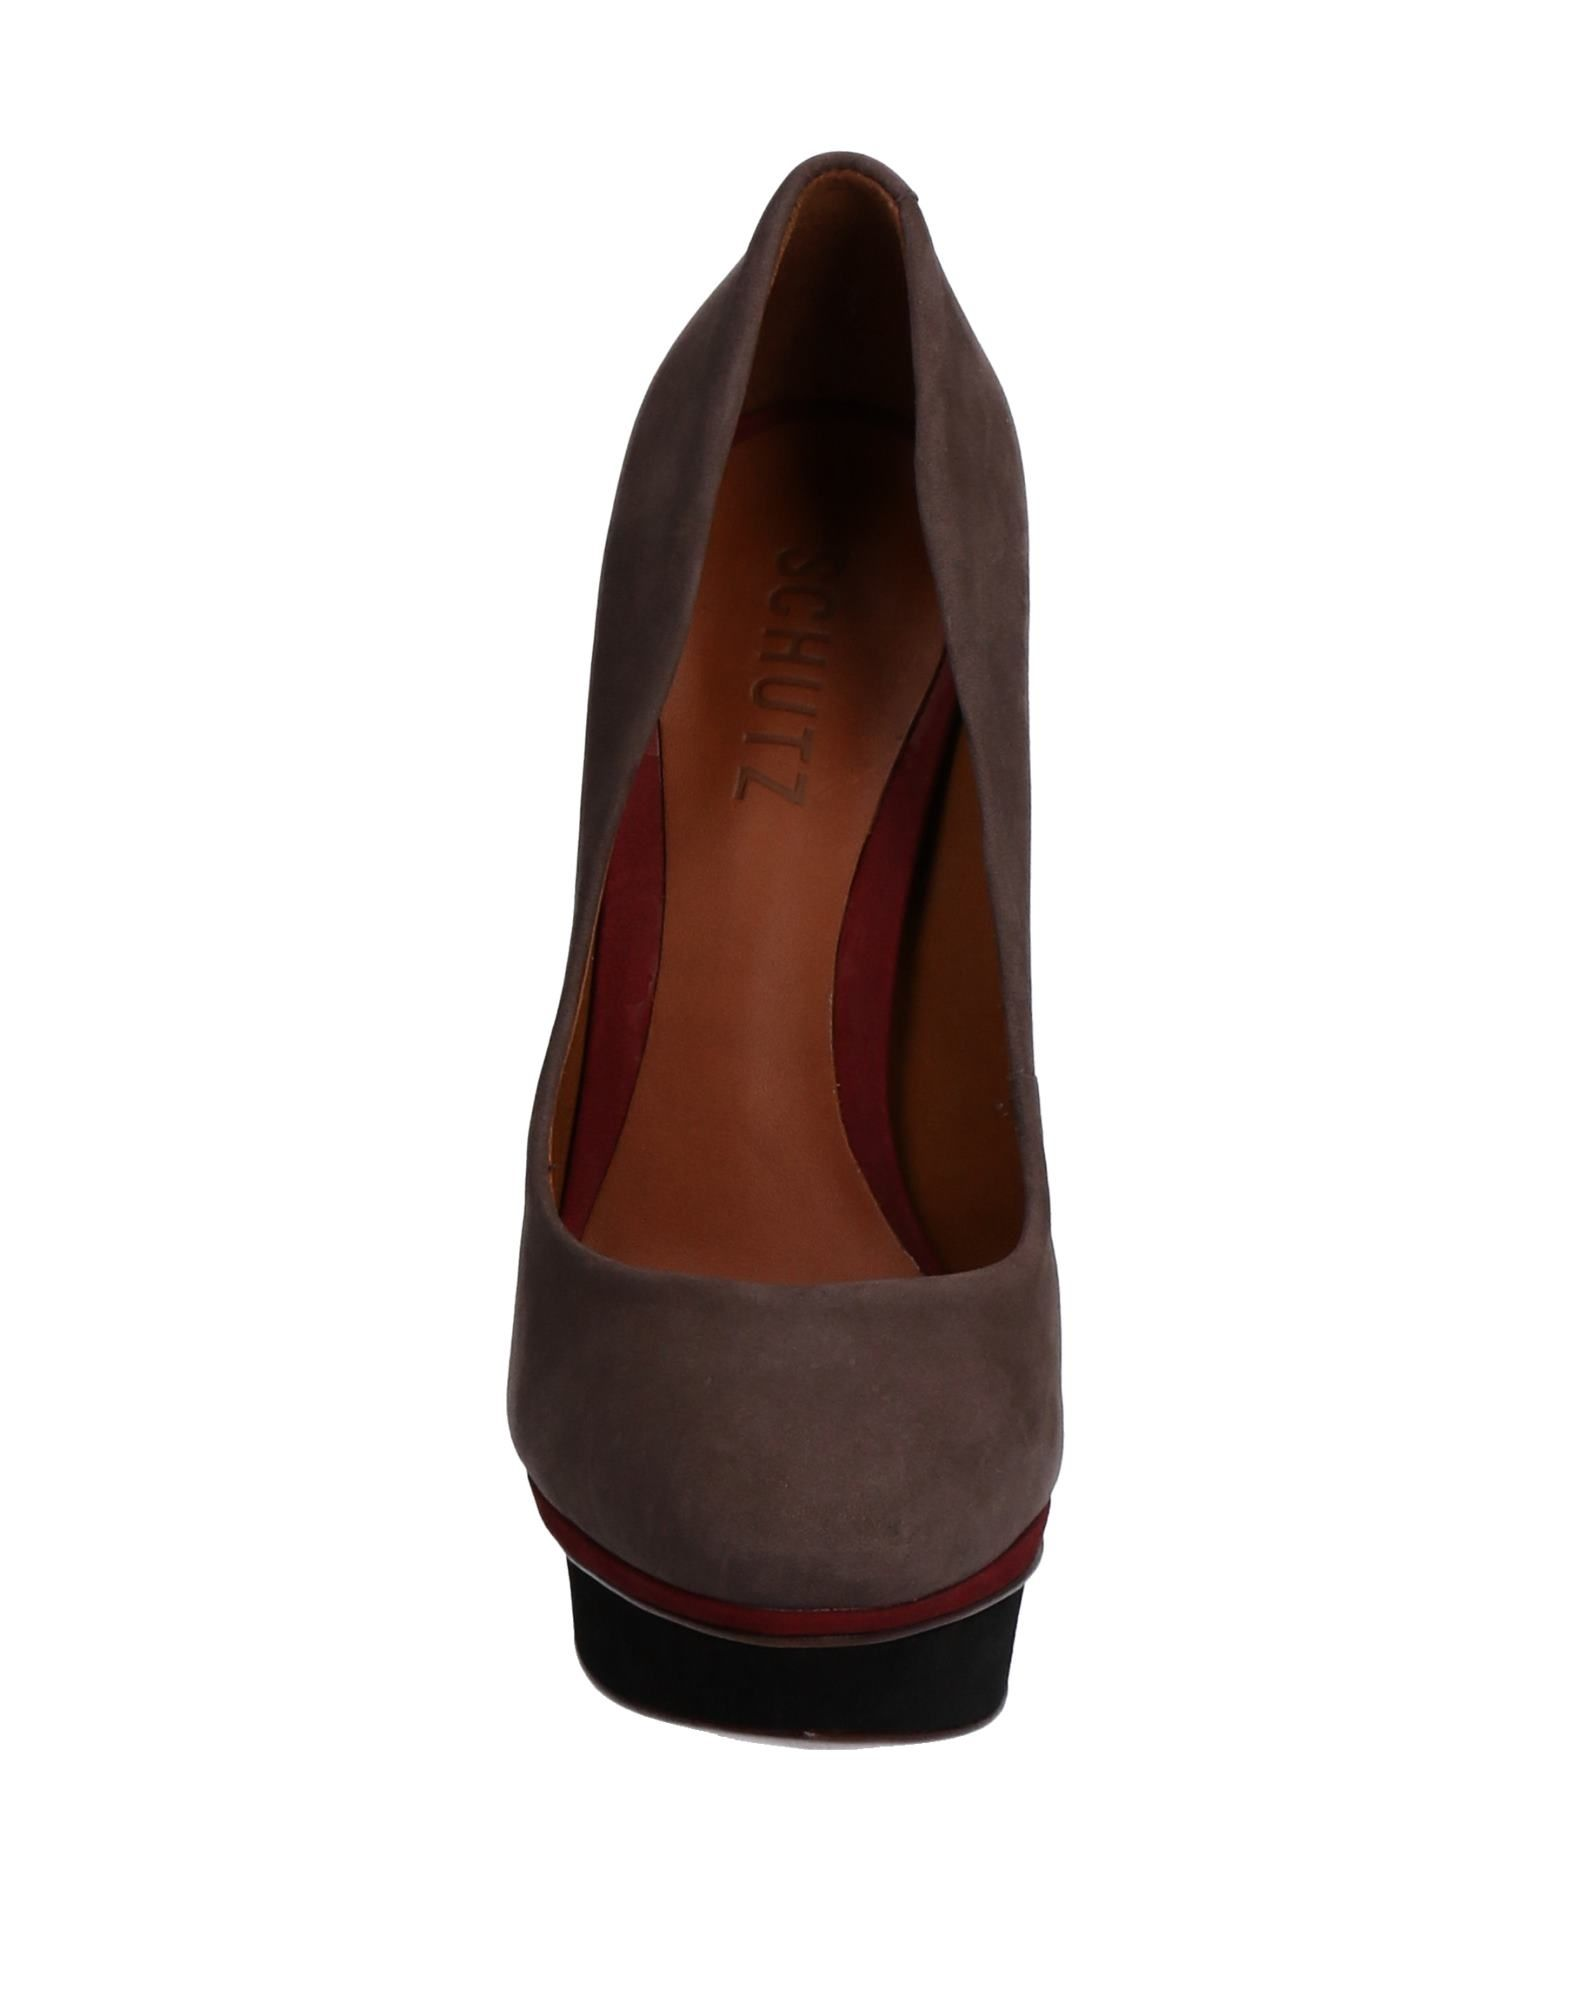 Schutz Gute Pumps Damen  11527560NR Gute Schutz Qualität beliebte Schuhe c745bd